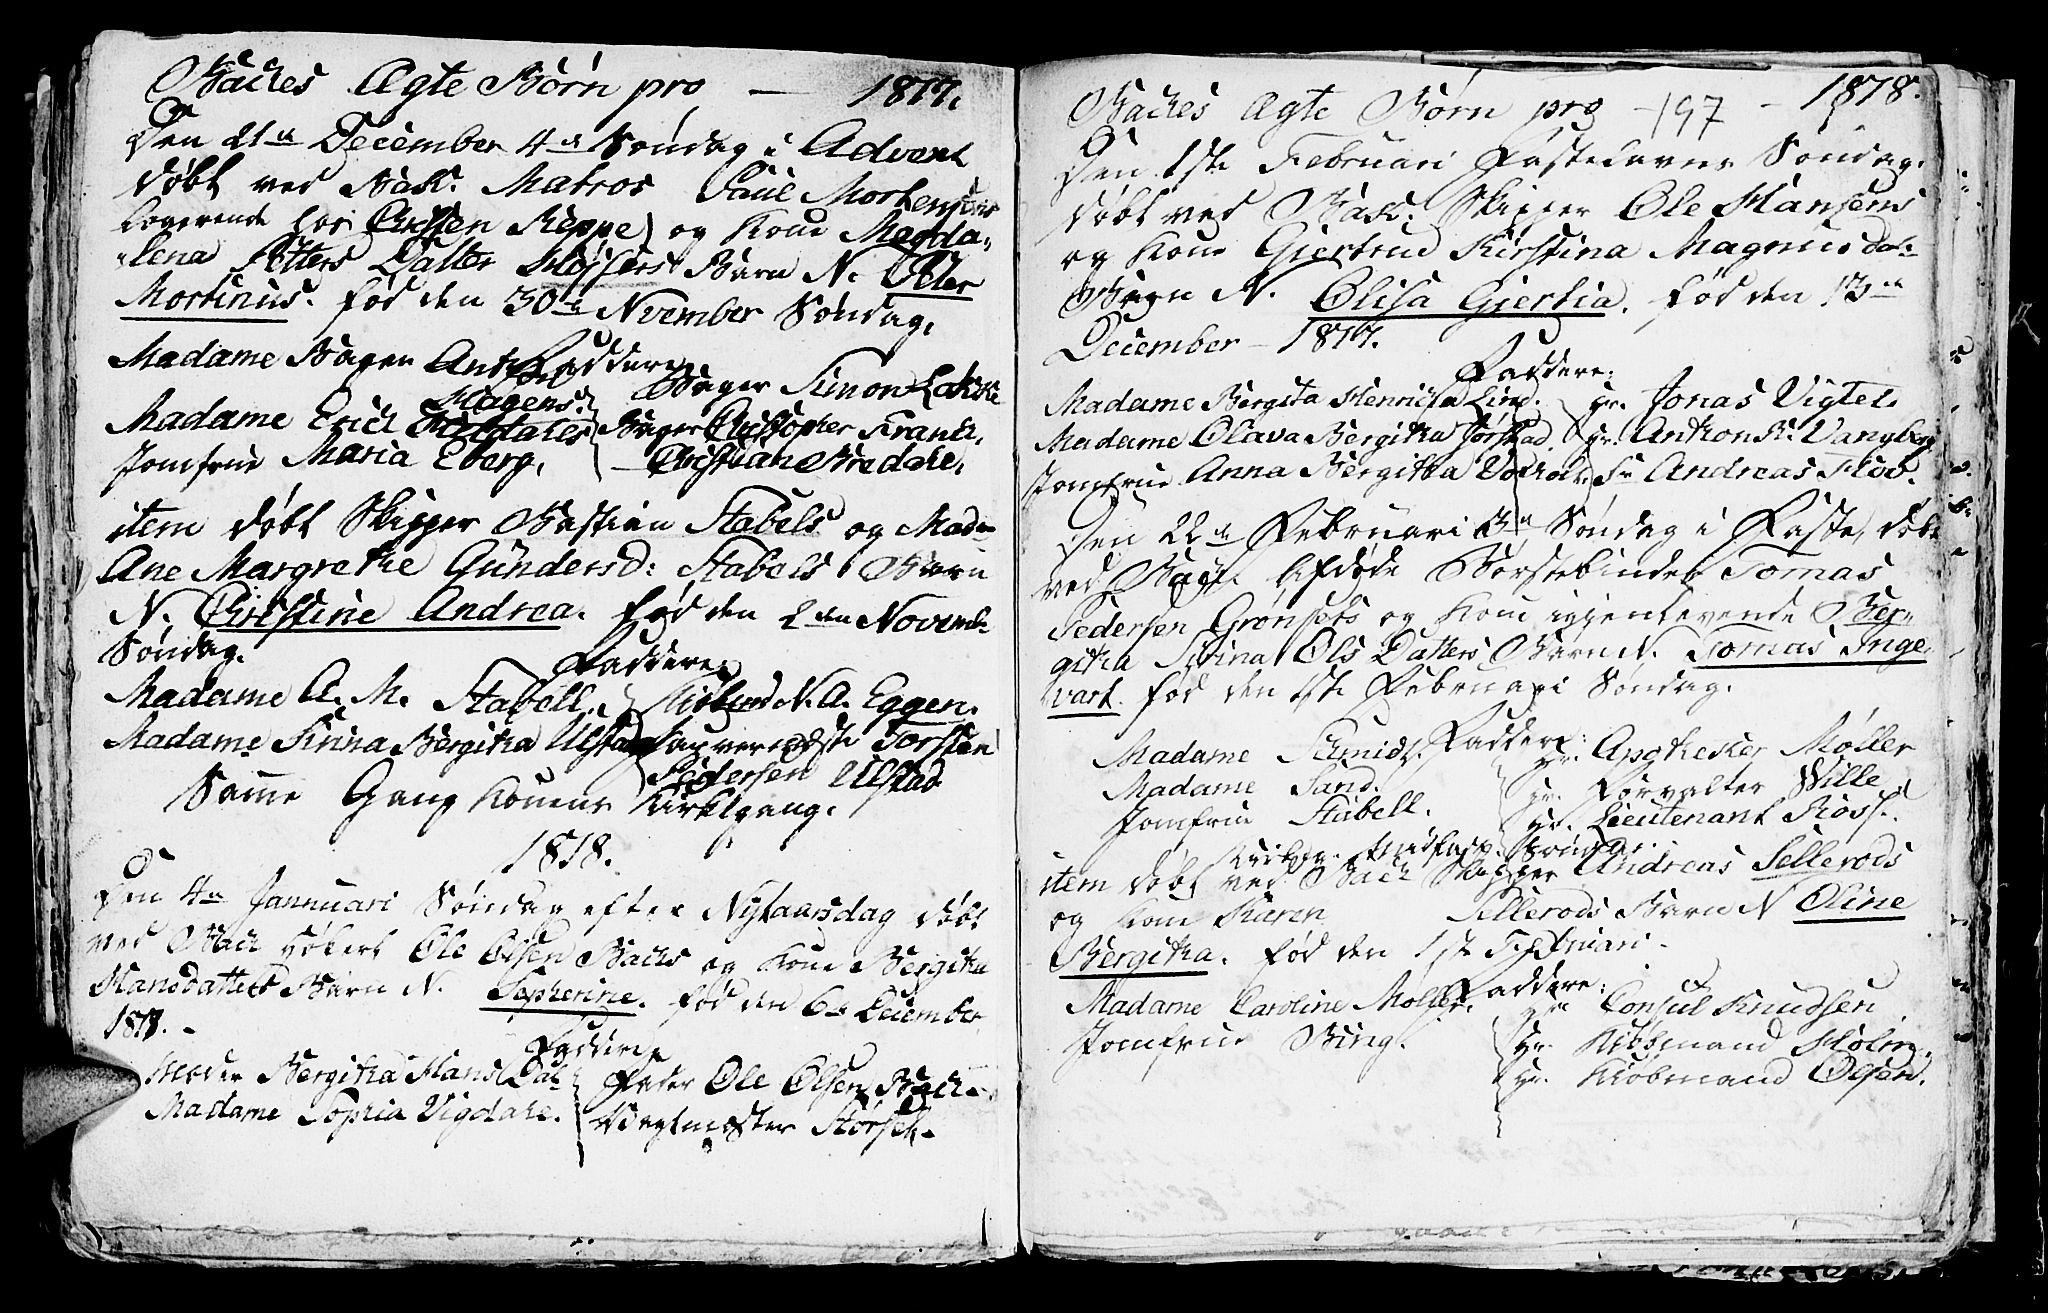 SAT, Ministerialprotokoller, klokkerbøker og fødselsregistre - Sør-Trøndelag, 604/L0218: Klokkerbok nr. 604C01, 1754-1819, s. 197